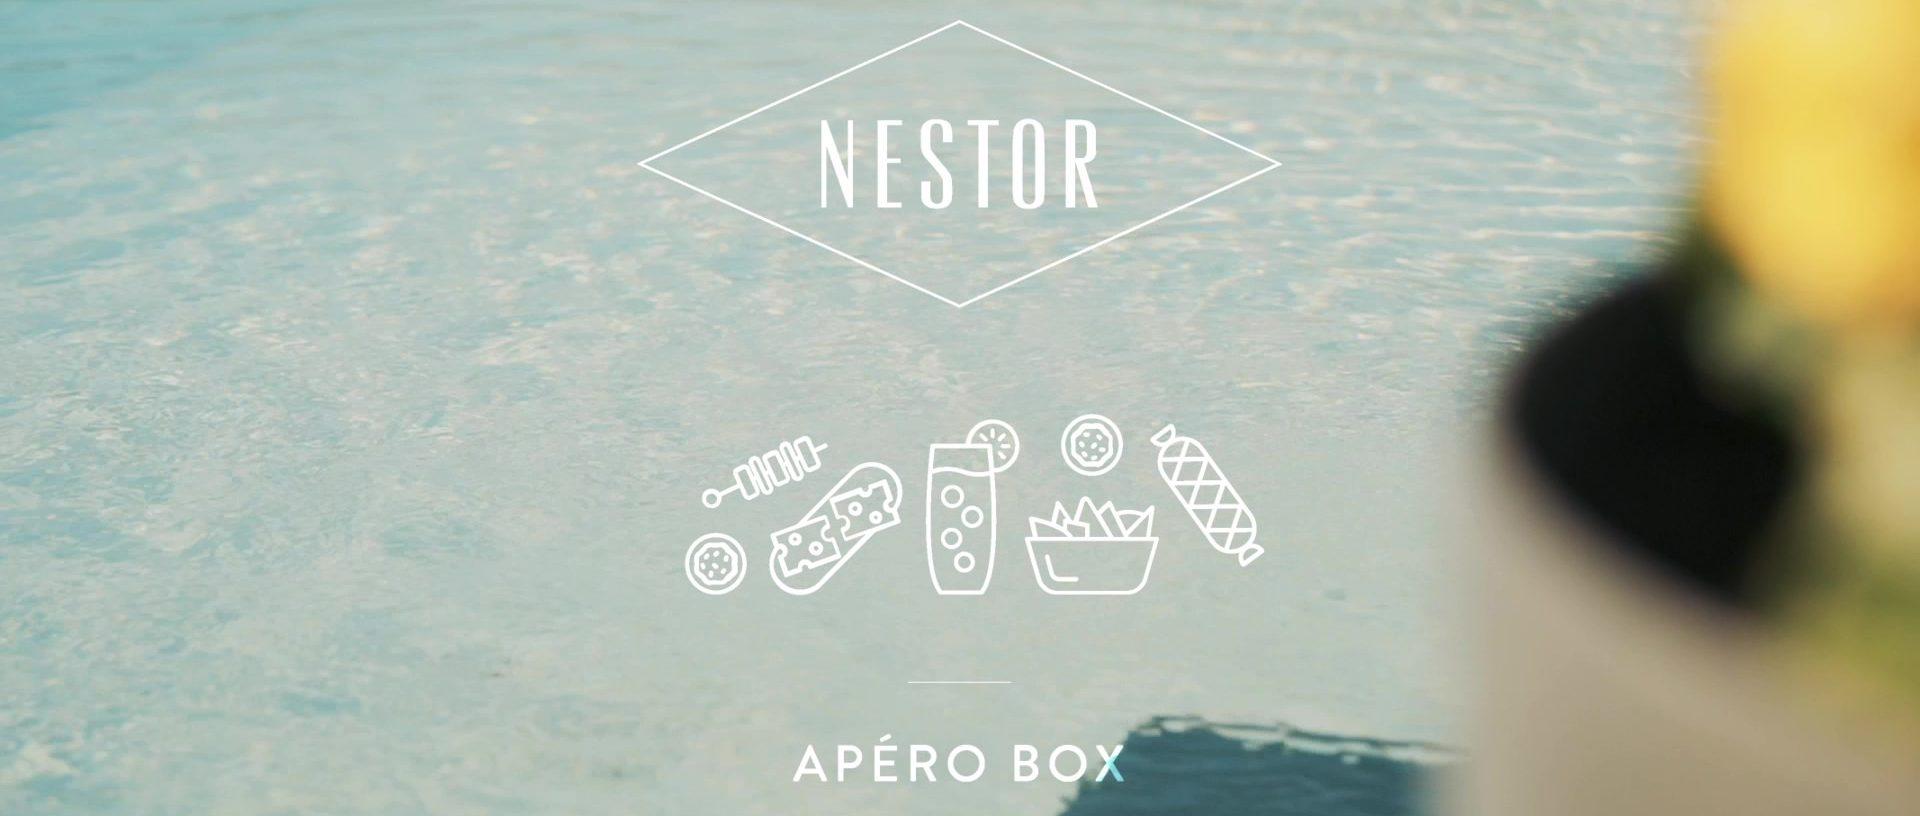 Apéro Box by Nestor